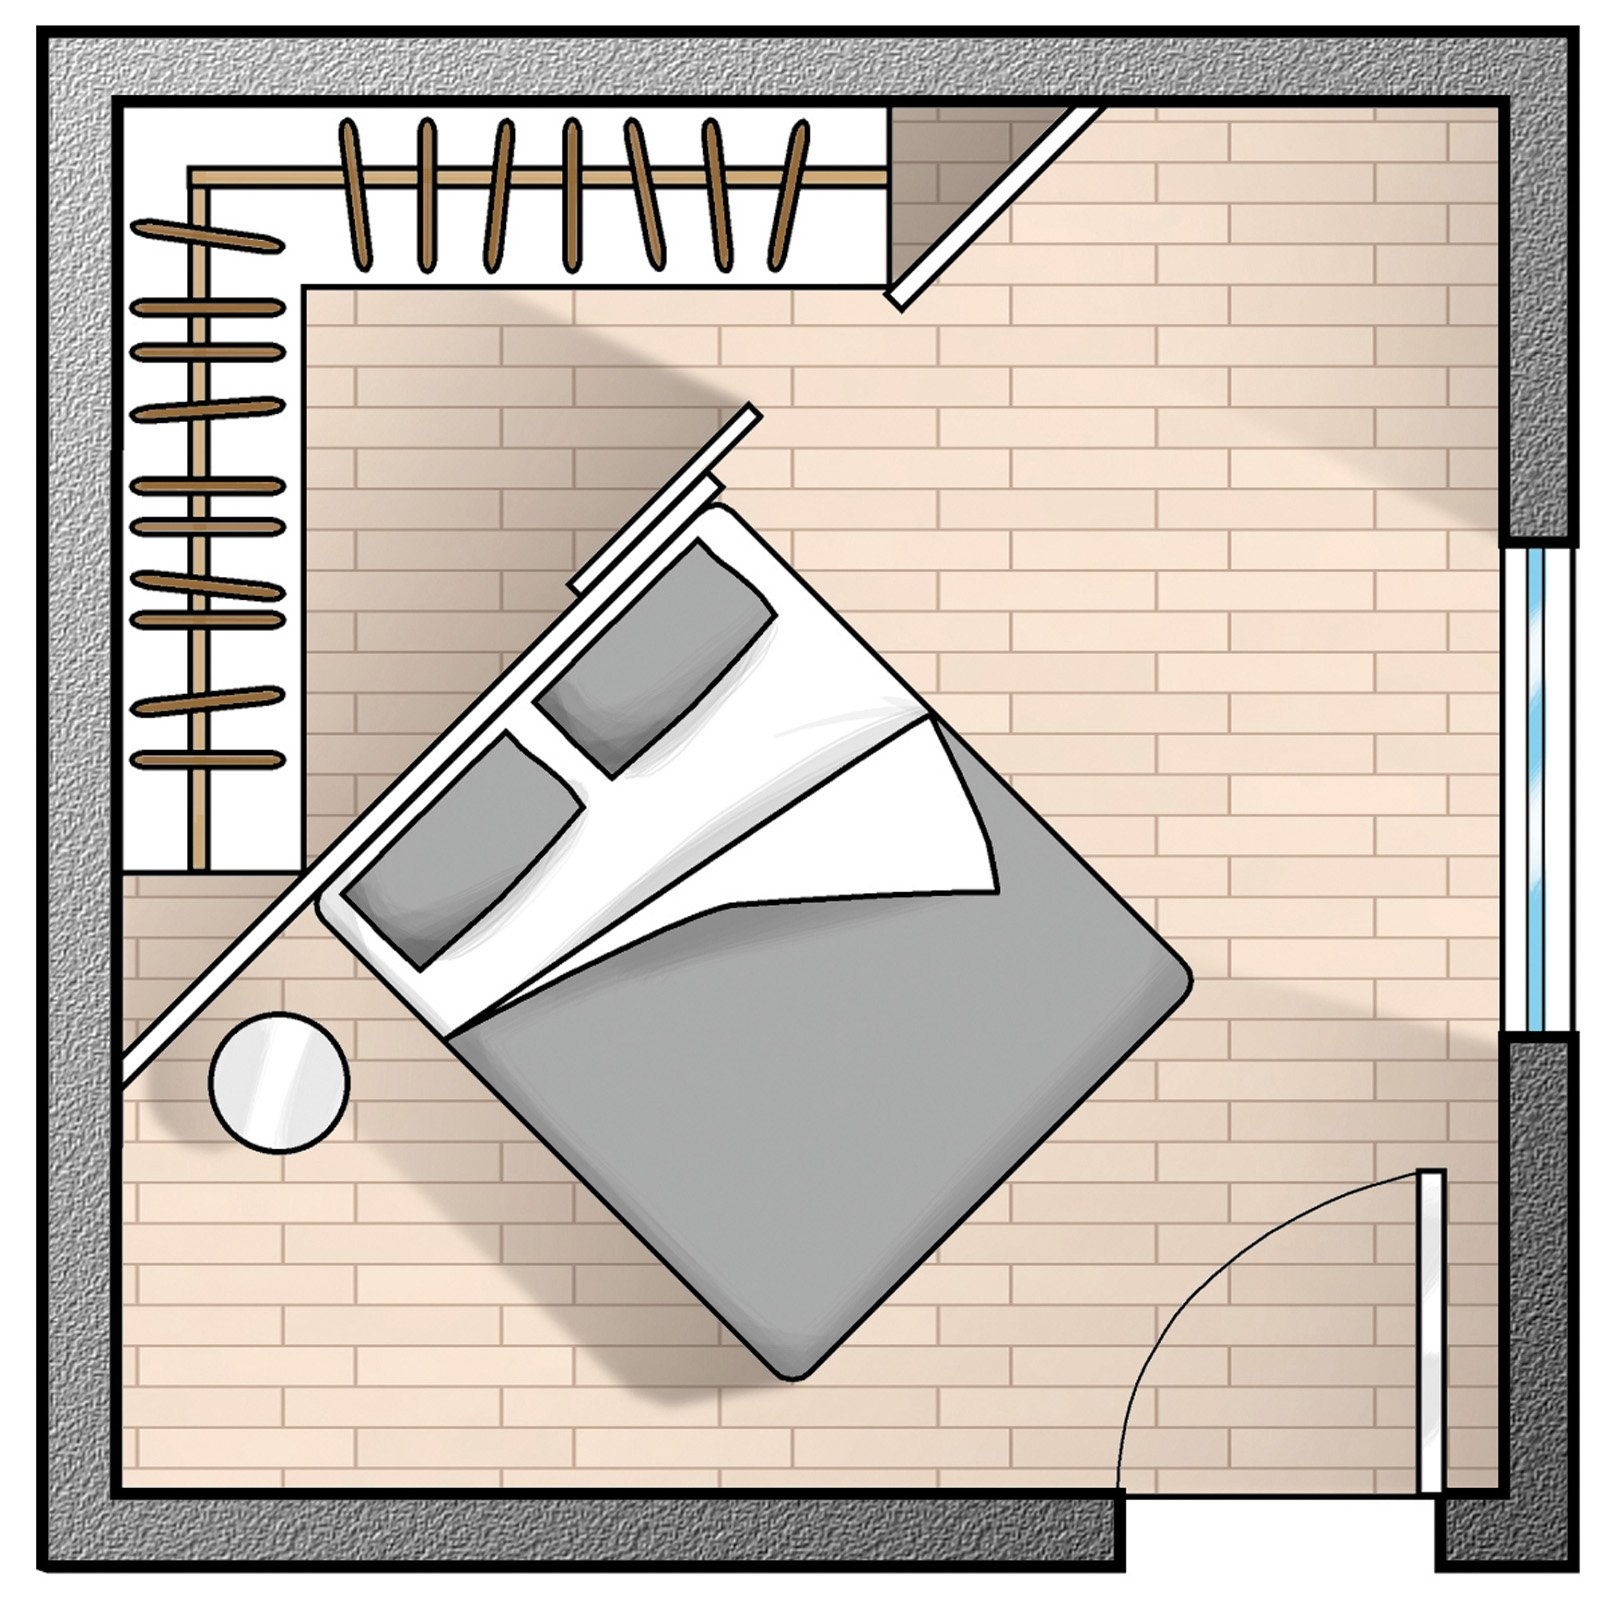 Casabook immobiliare cabine armadio soluzione trendy for Come costruire una fondazione di cabina